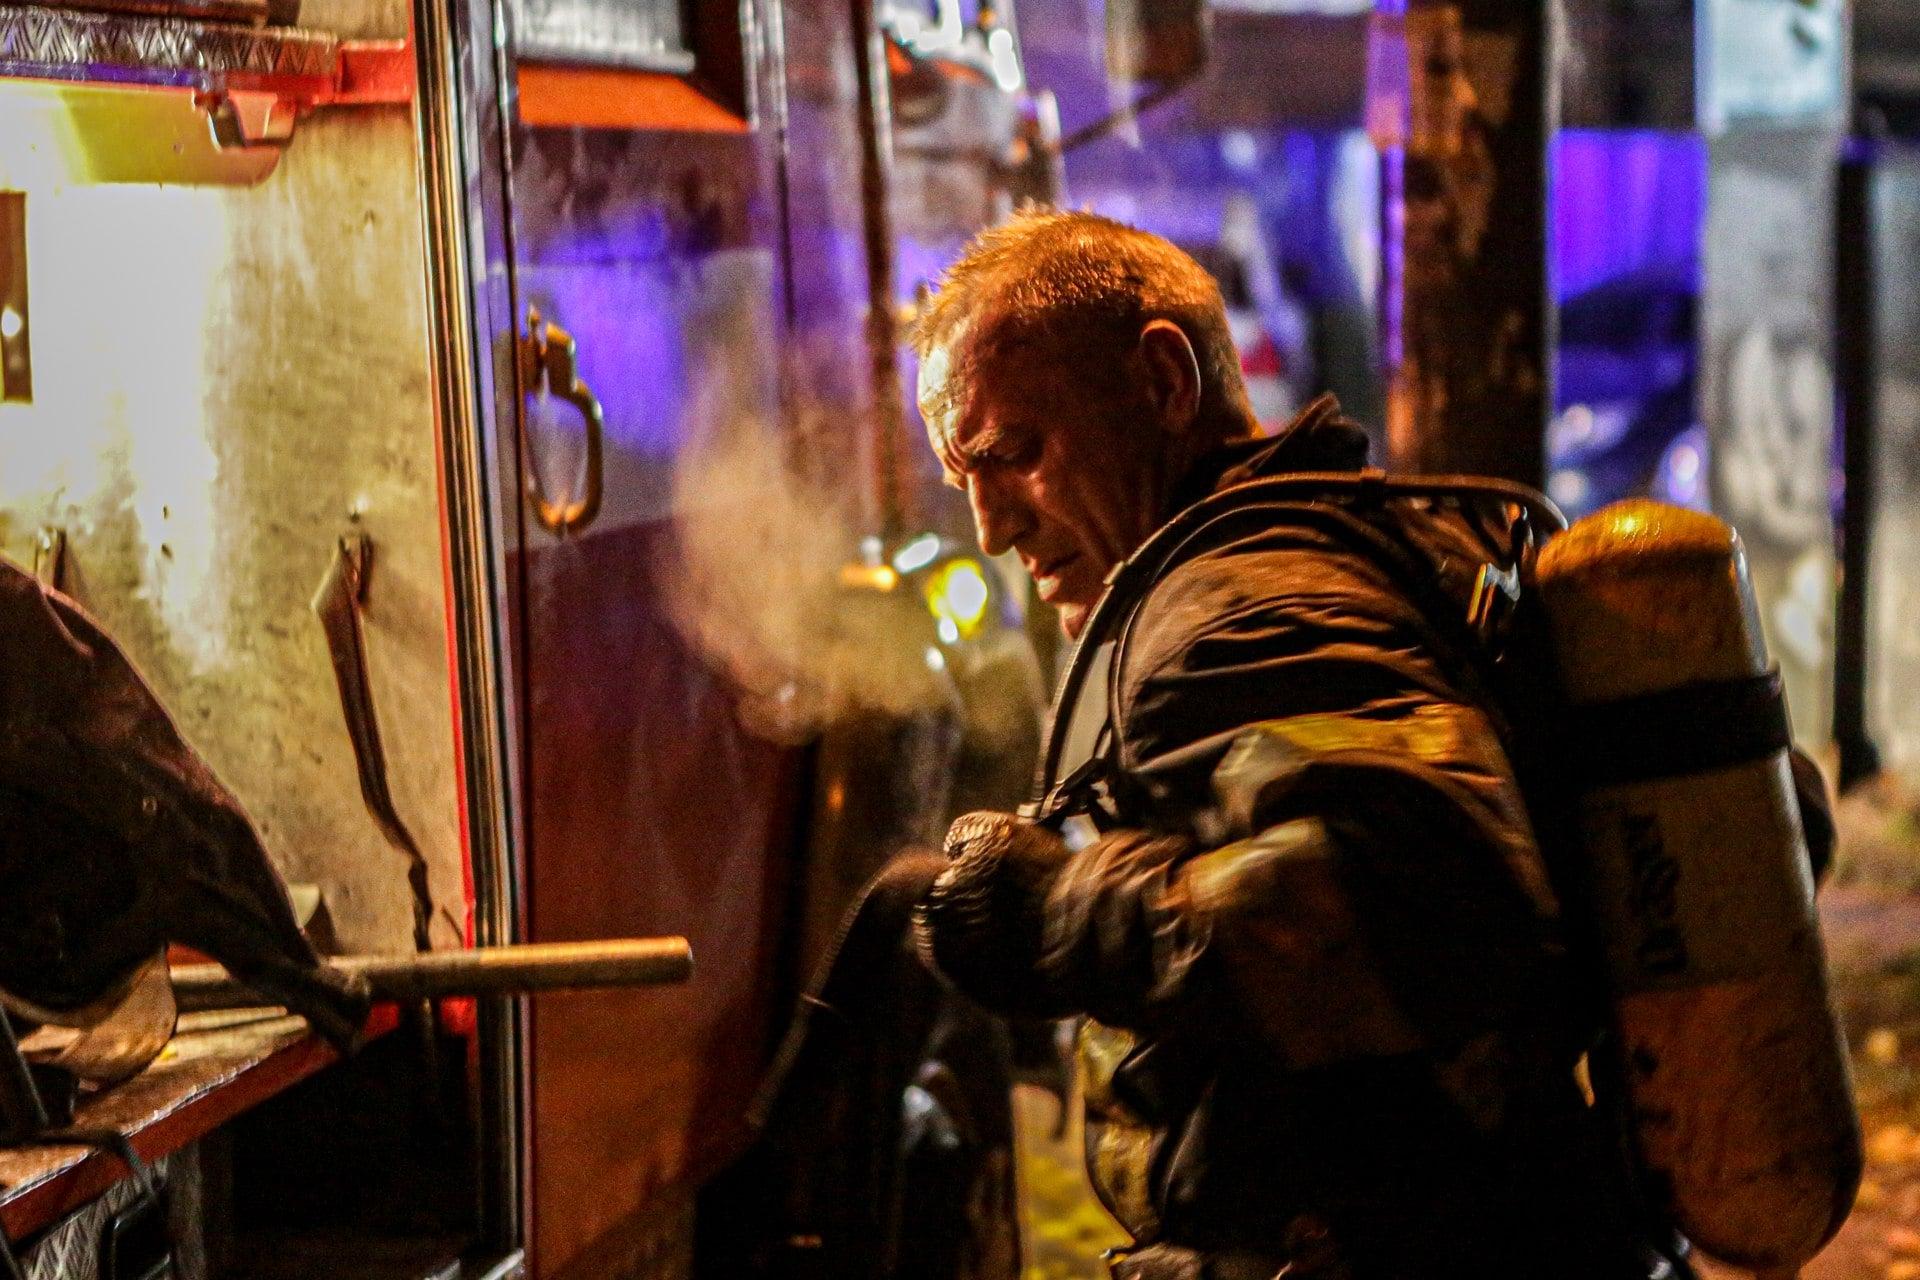 Підпал автошин у багатоповерхівці Києва міг закінчитись трагічно - пожежа - 126023109 3491293947617189 5504207078571058883 o